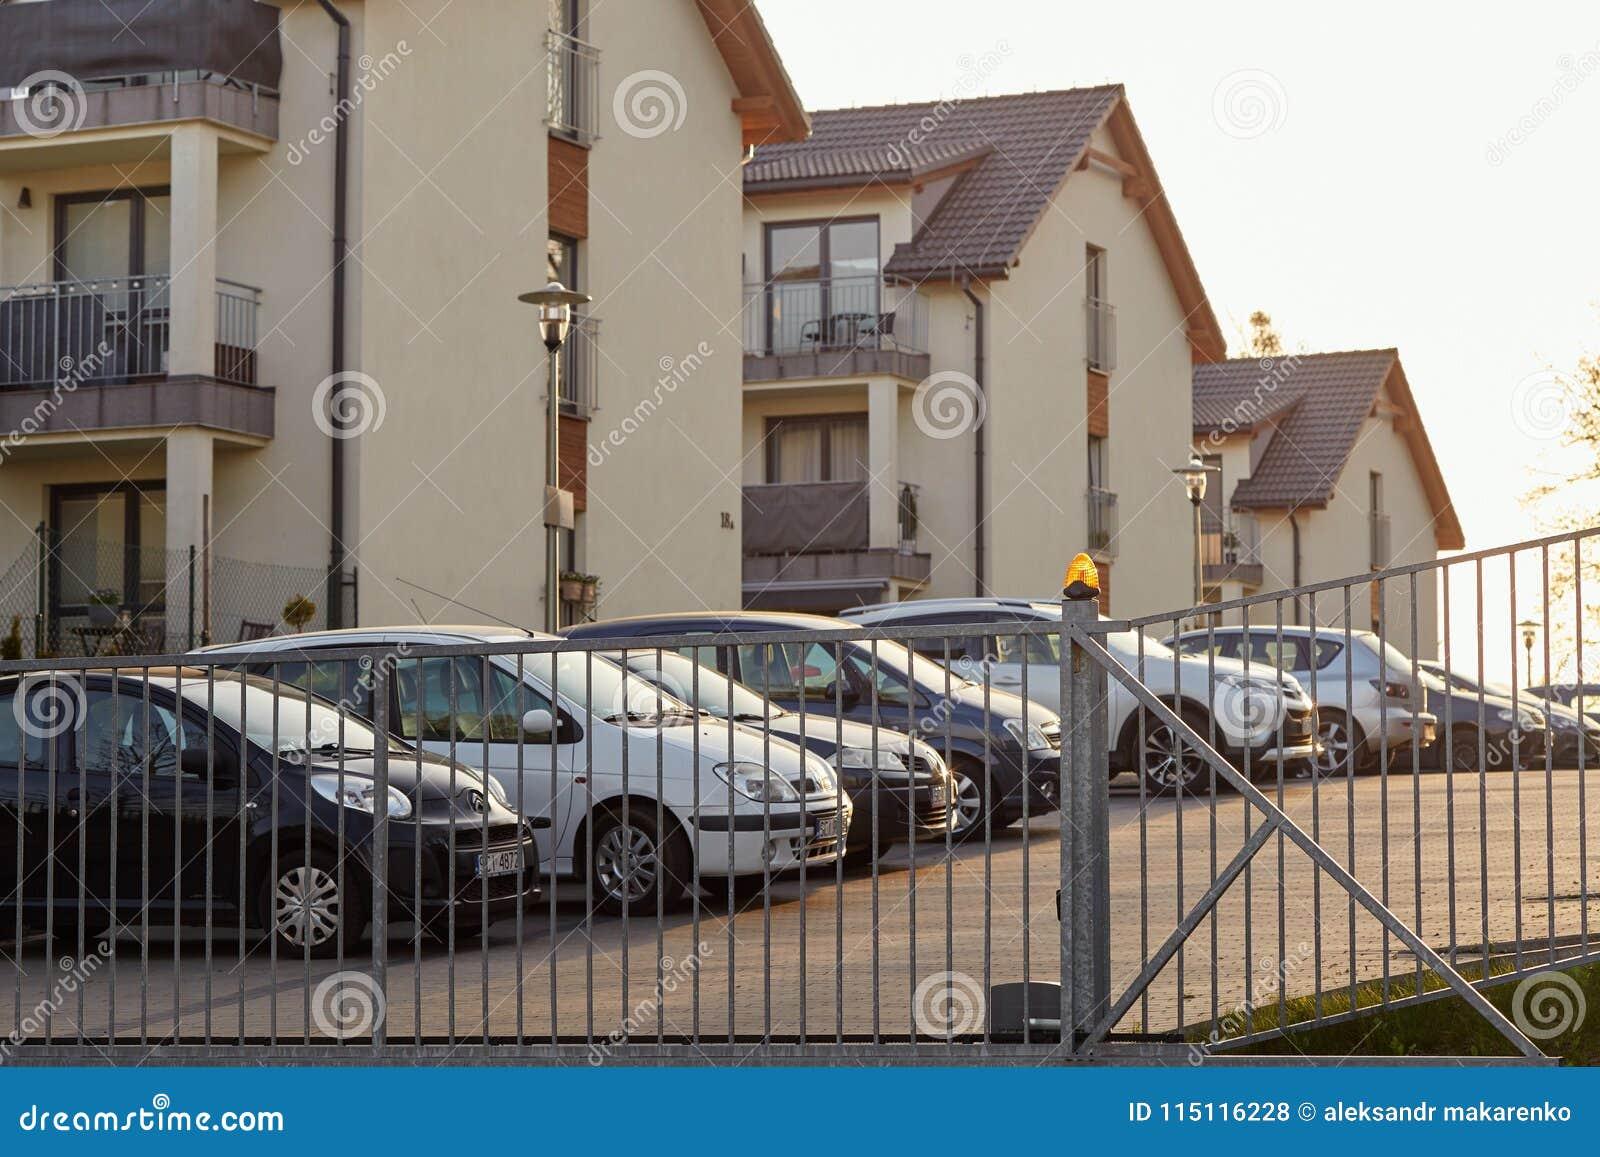 Cieszyn, Polônia - 15 de abril de 2018: O carro é estacionado em um parque de estacionamento privado atrás da porta do rolamento